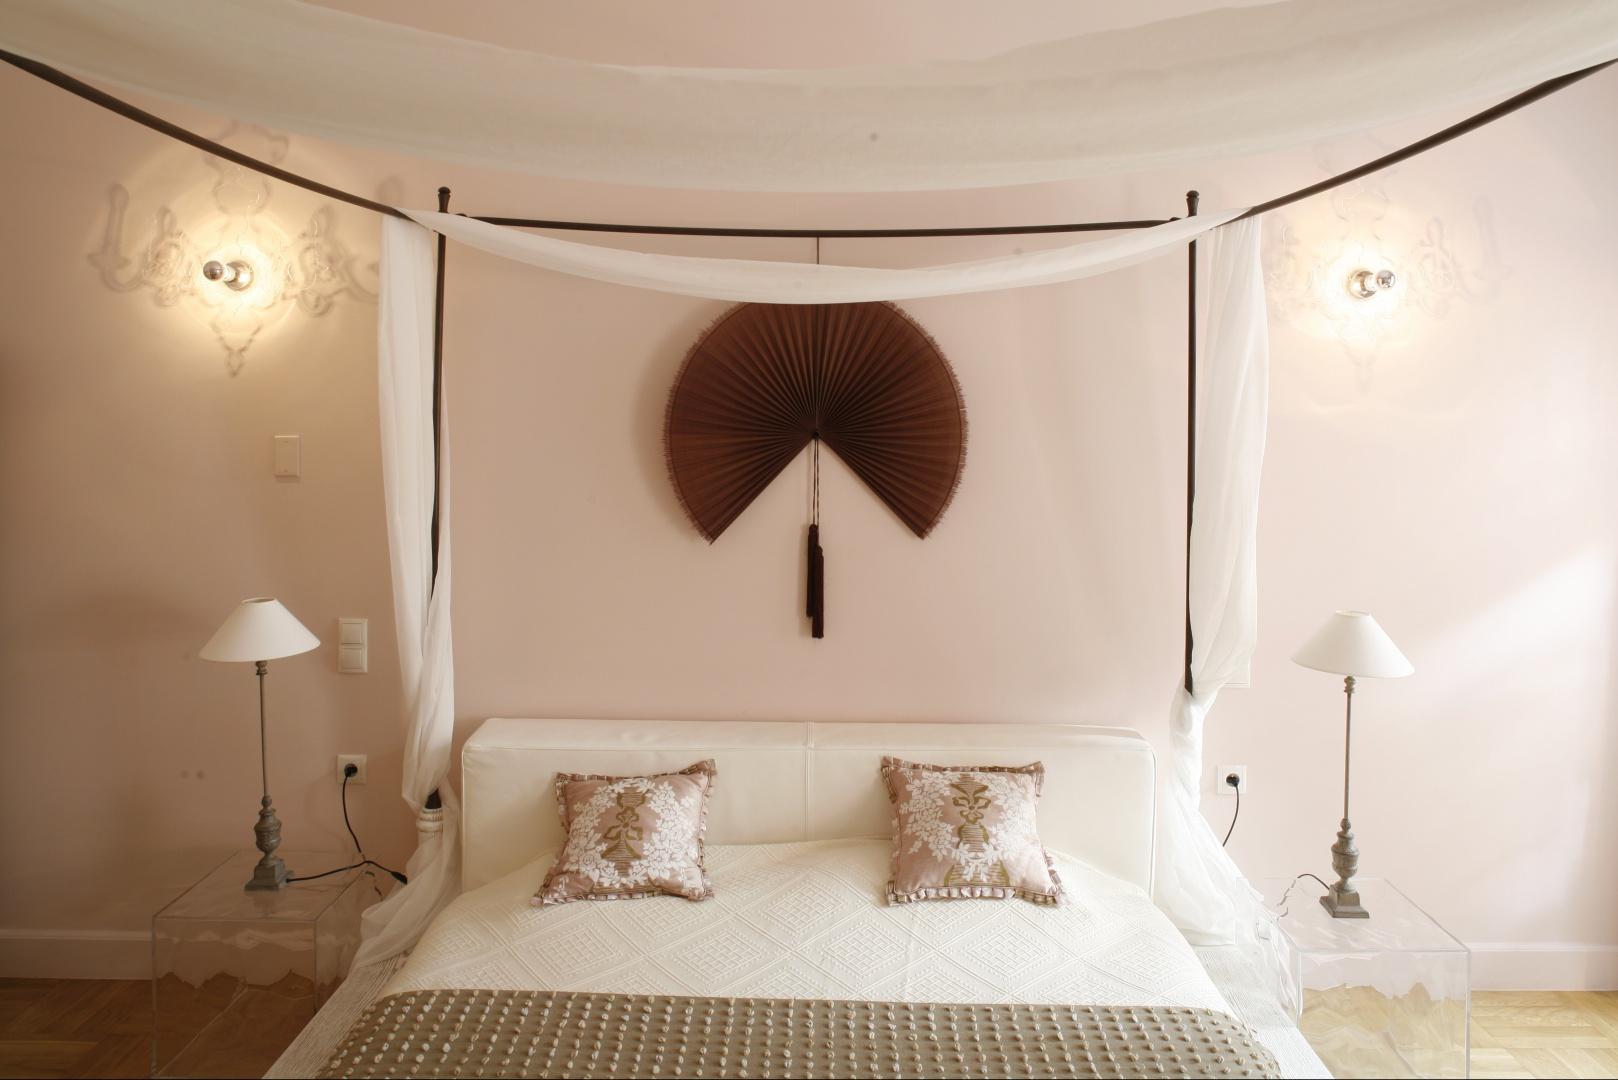 Wachlarz umieszczony nad łóżkiem dodaje wnętrzu romantycznego charakteru. Proj. Małgorzata Szajbel-Żukowska, Maria Żychiewicz. Fot. Bartosz Jarosz.